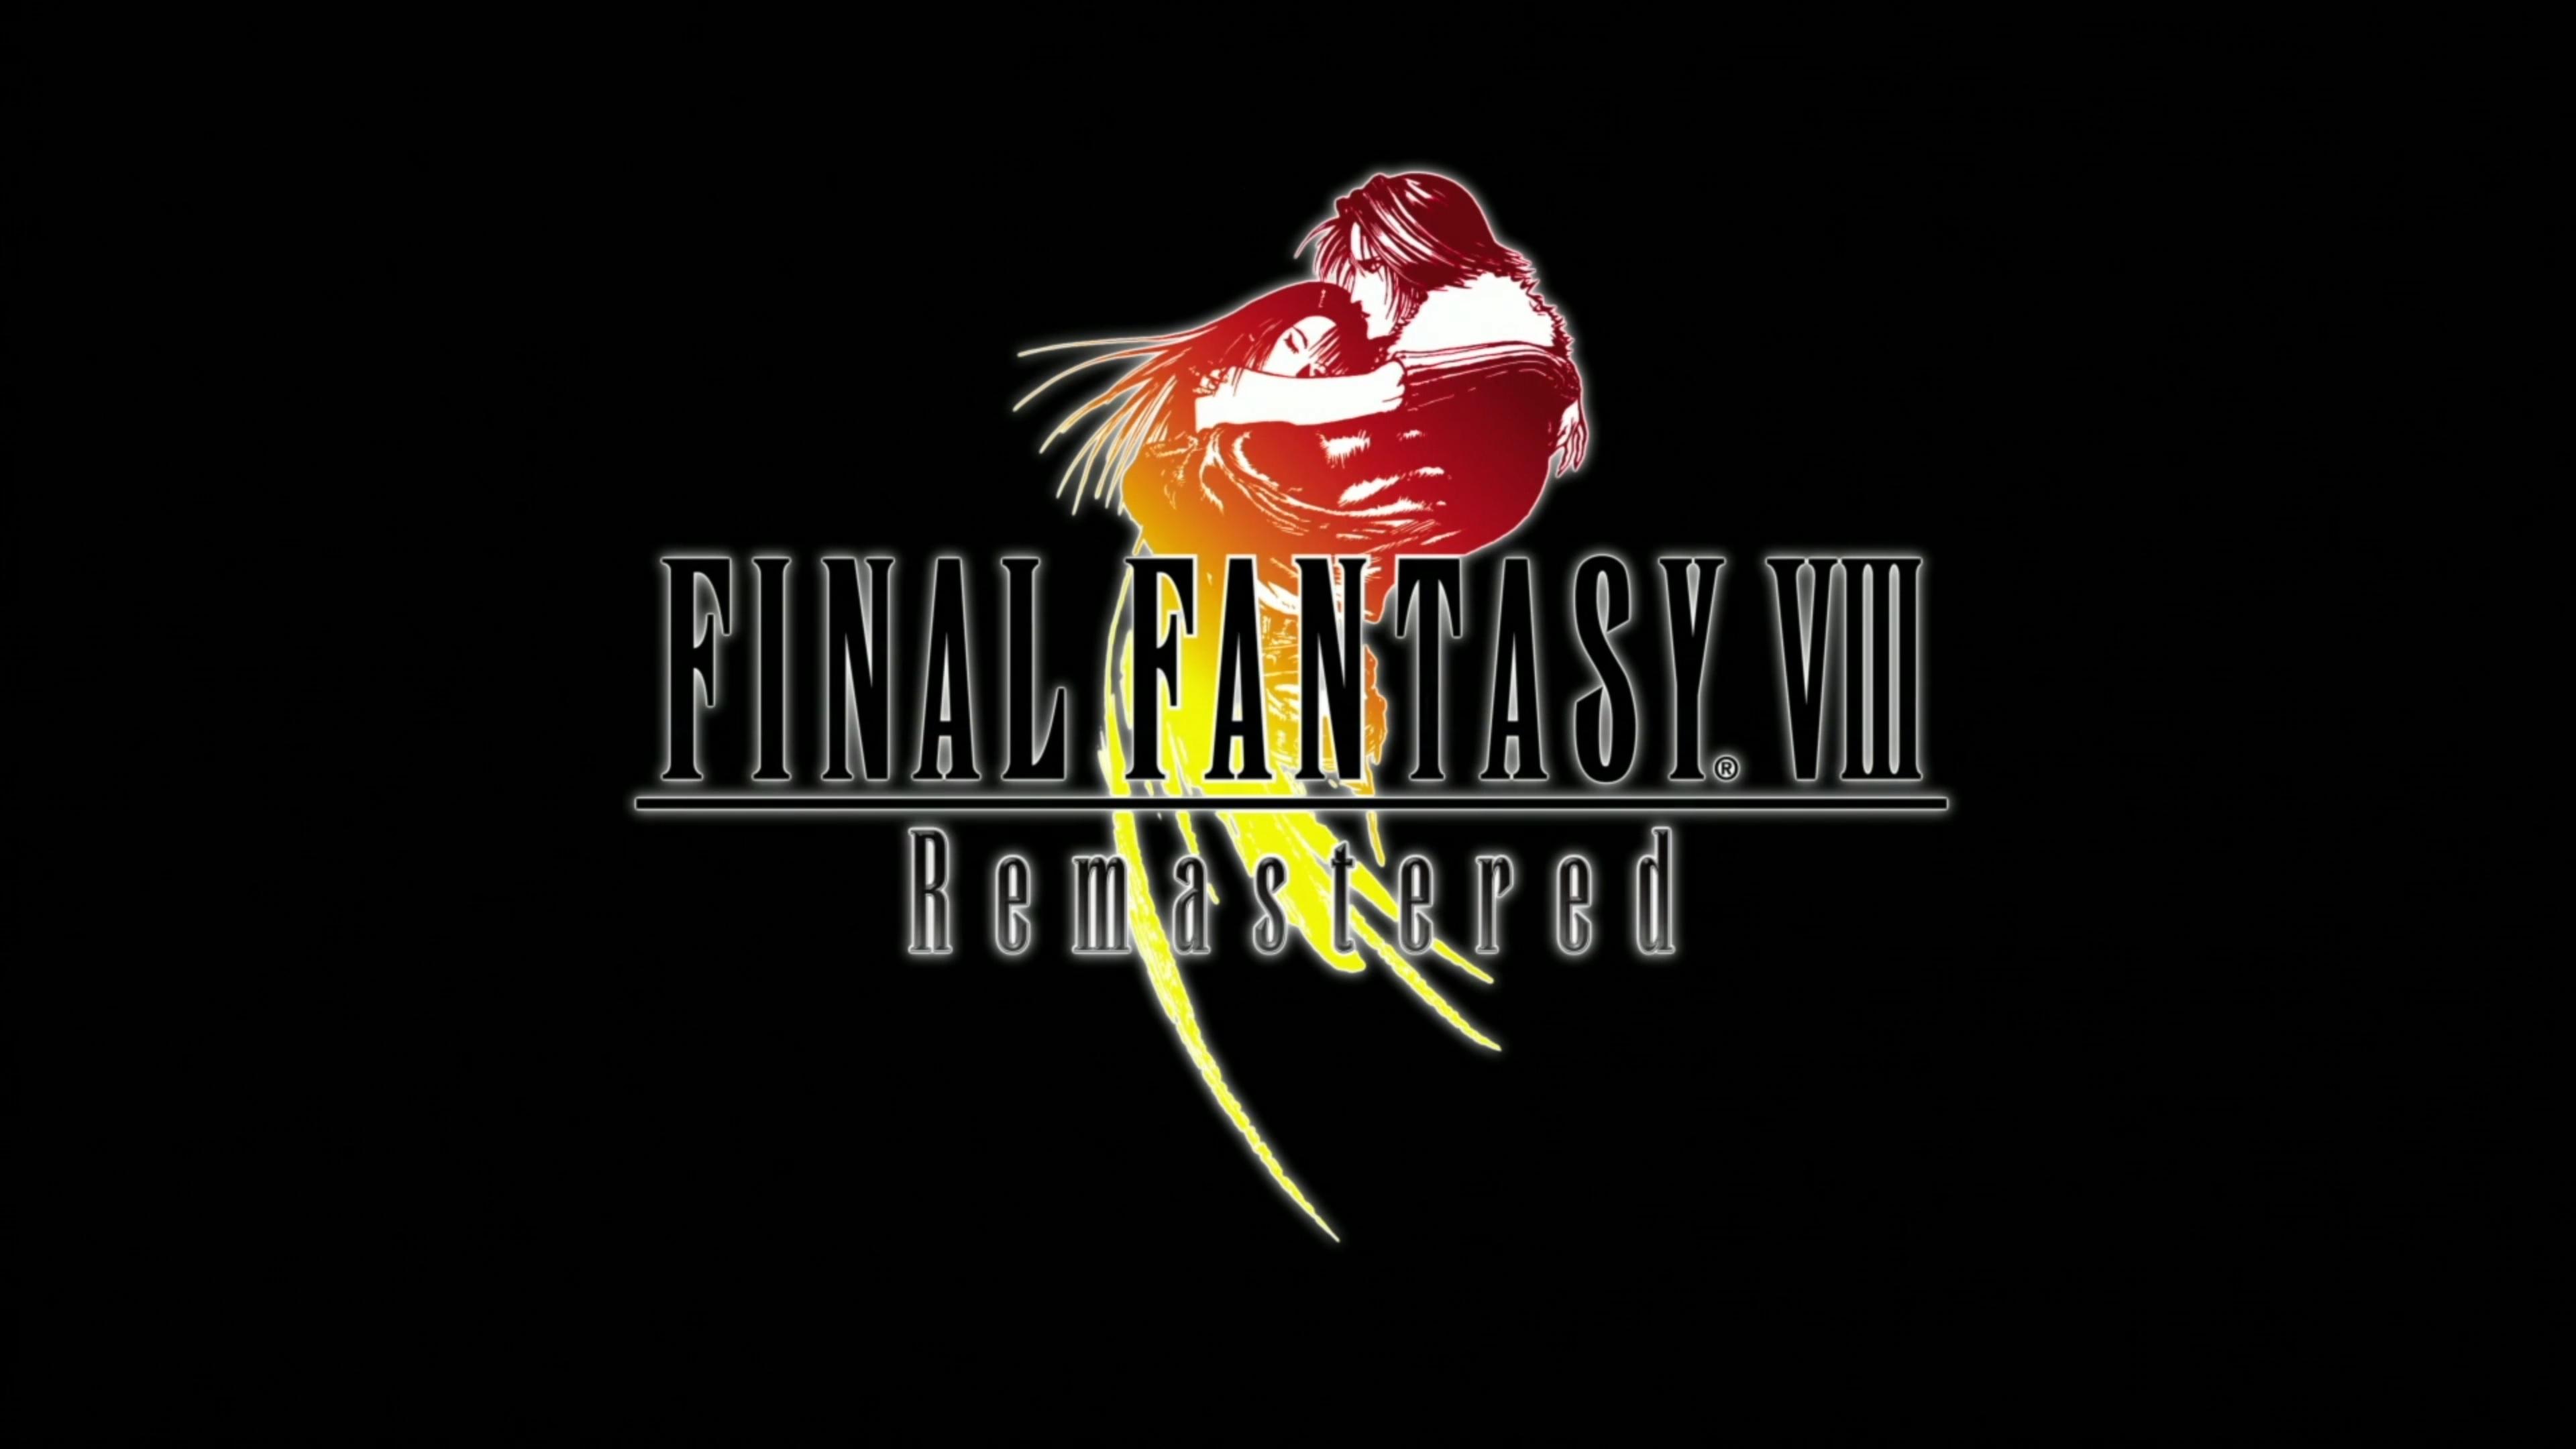 Square Enix anuncia Final Fantasy VIII Remastered para o Nintendo Switch